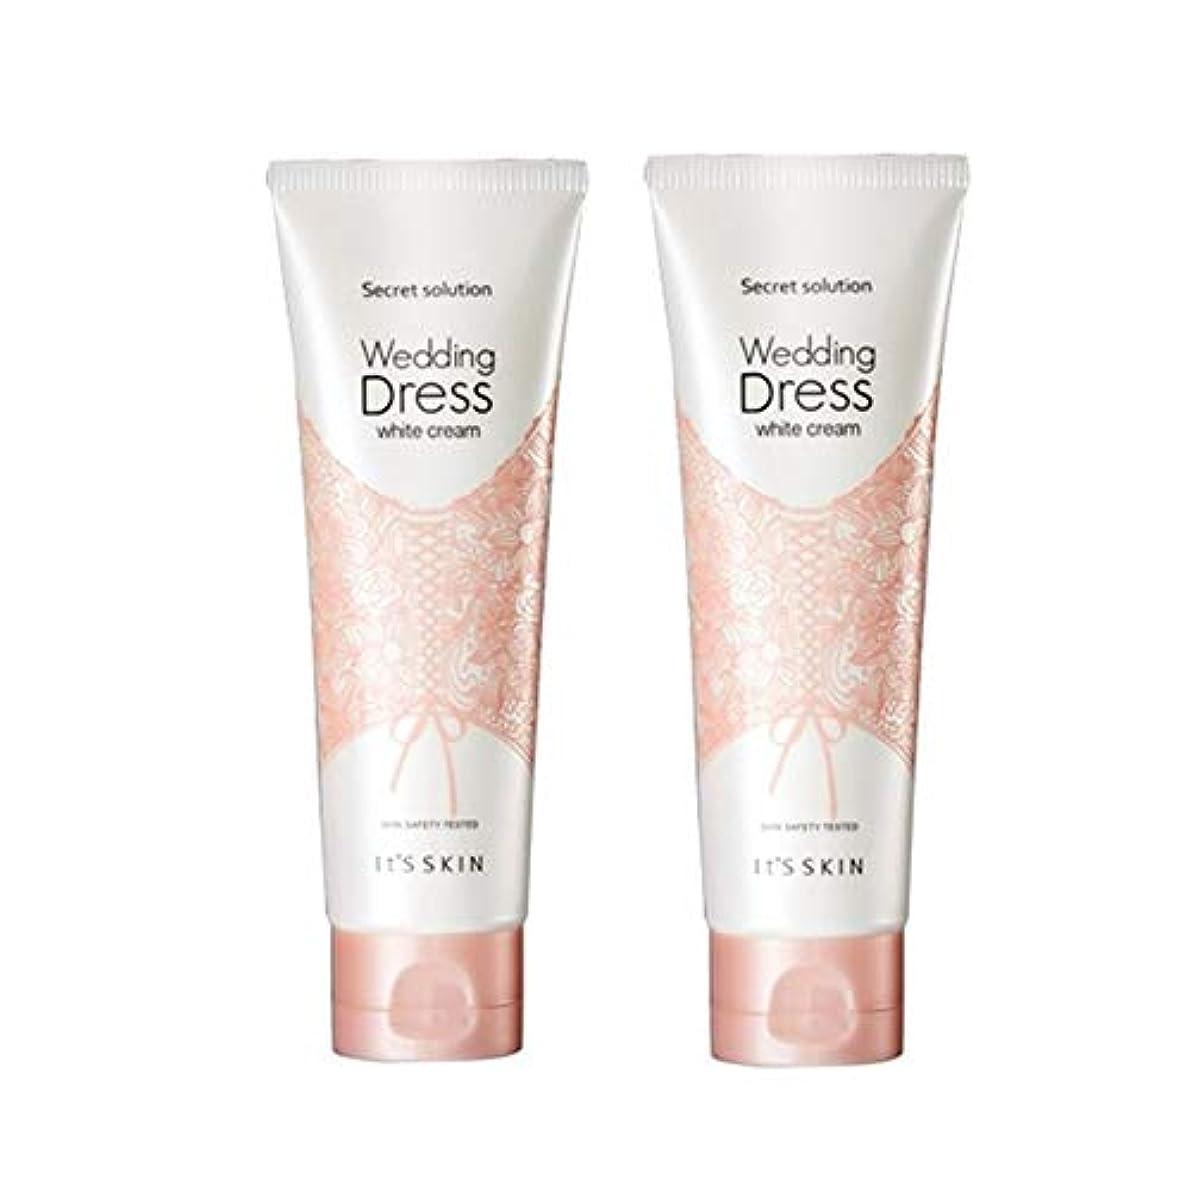 ペン買い物に行く意図イッツスキンのシークレット?ソリューションウェディングドレス?ホワイトクリーム100mlx 2本セット、It's Skin Secret Solution Wedding Dress White Cream 100ml...